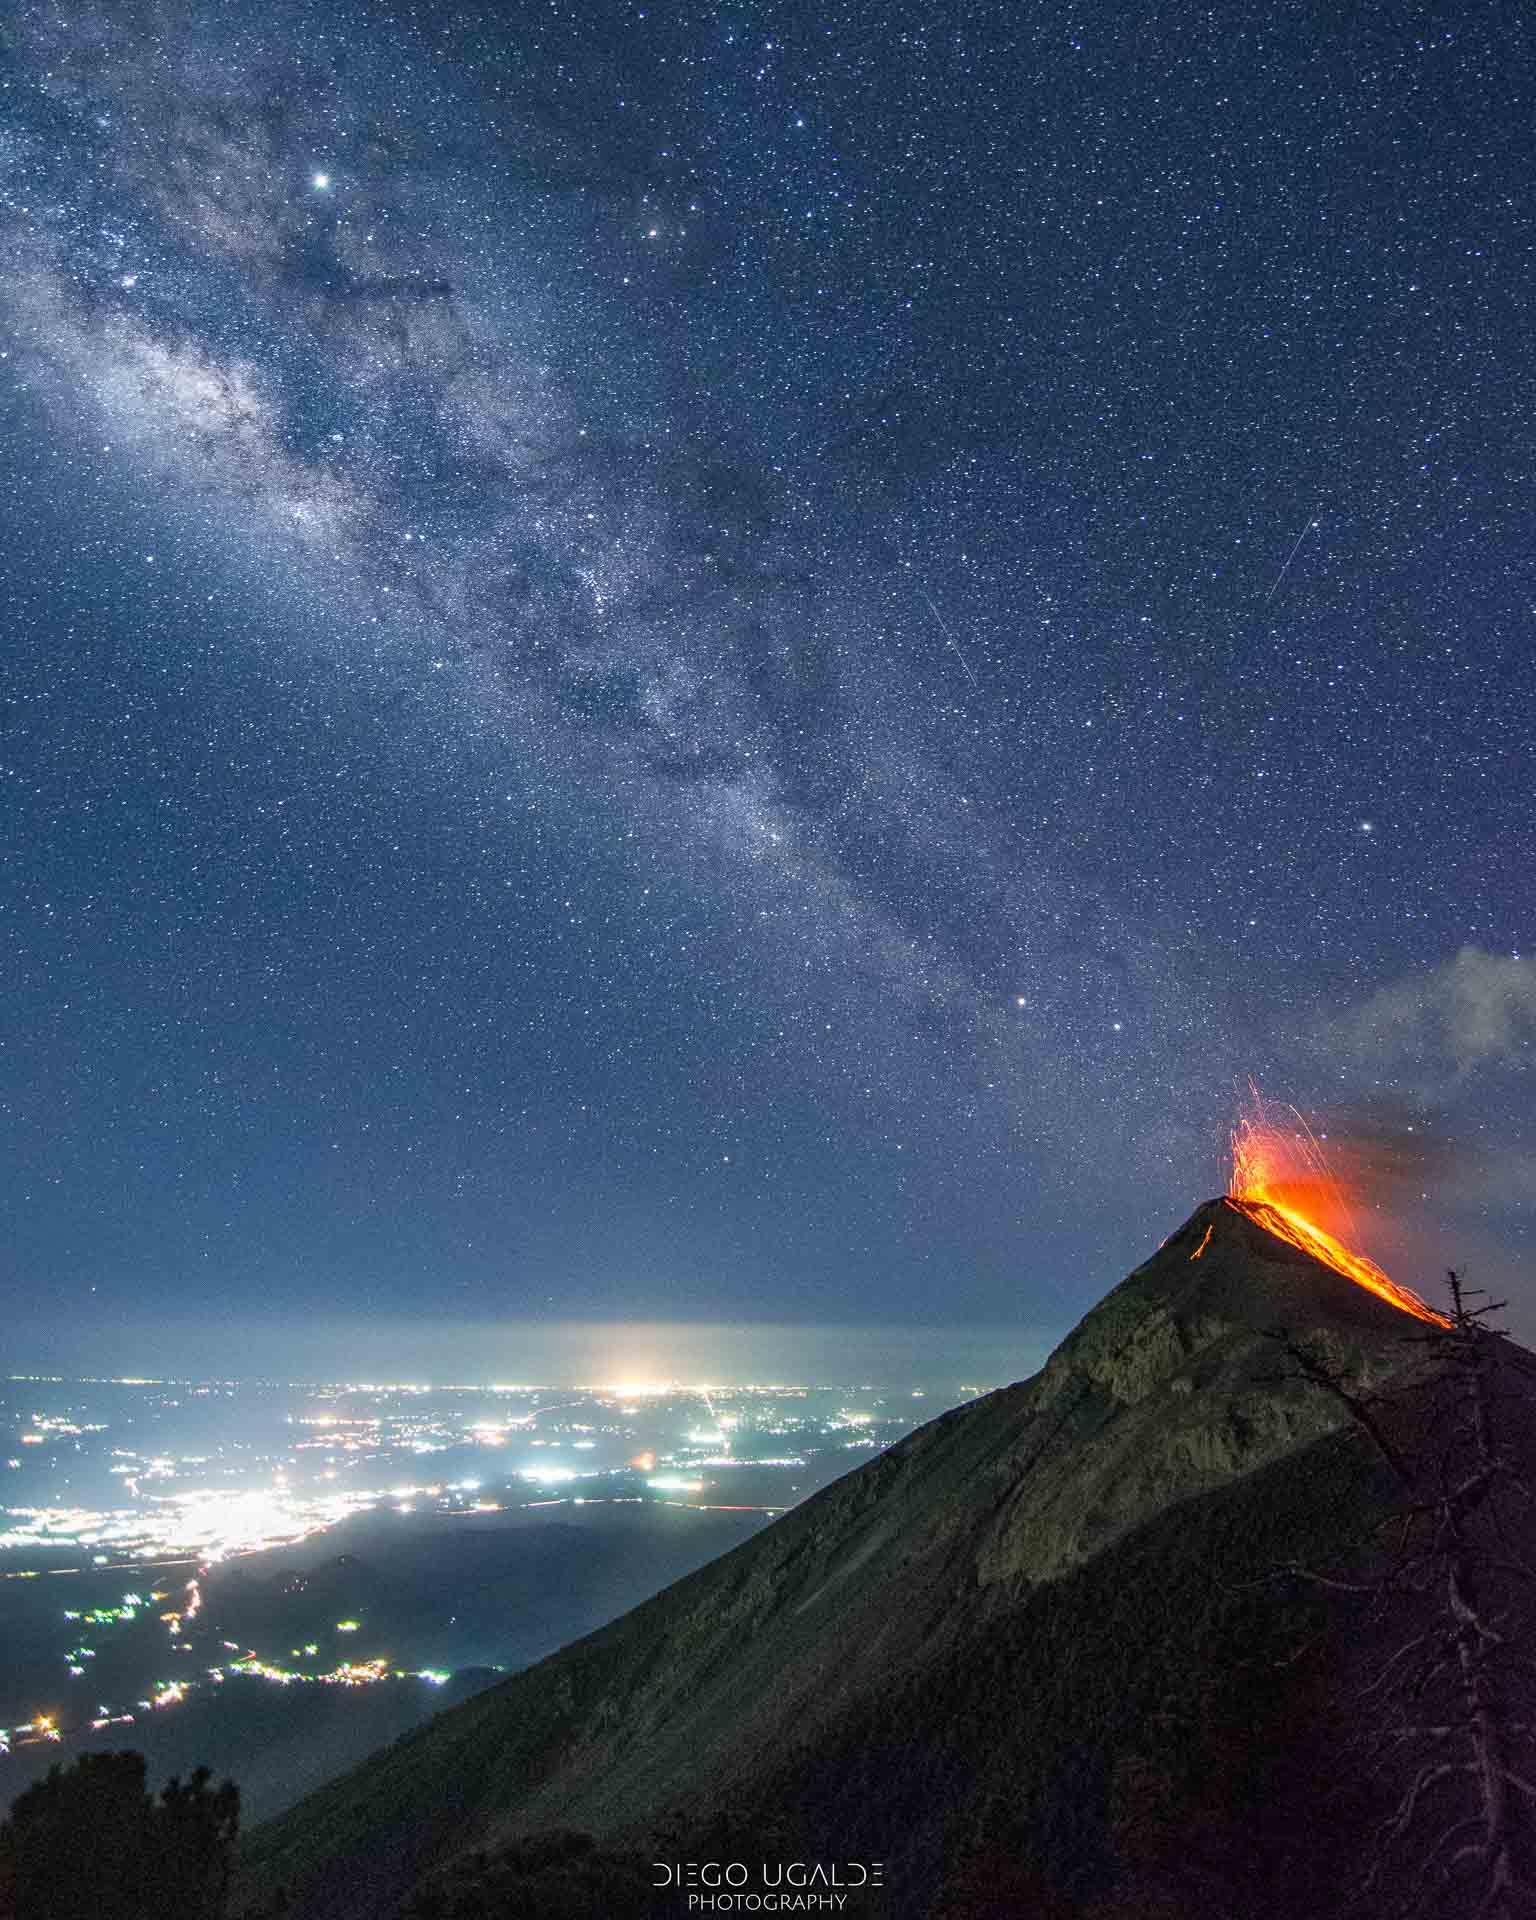 mejores imagenes de la via lactea Volcán de Fuego